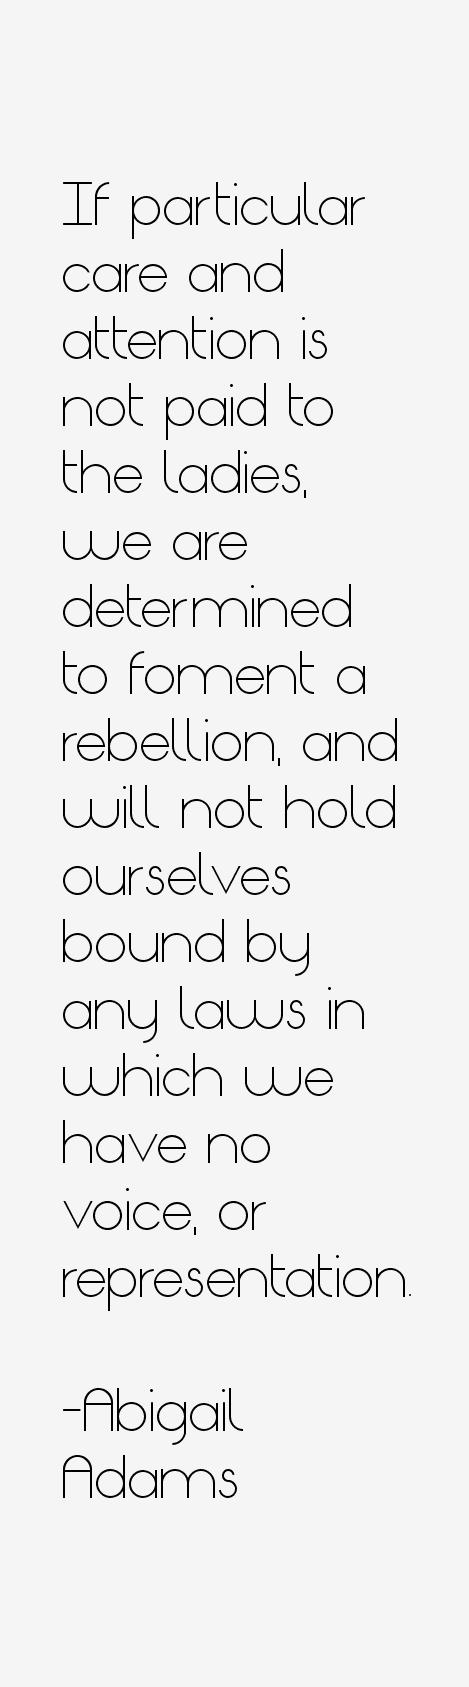 Abigail Adams Quotes